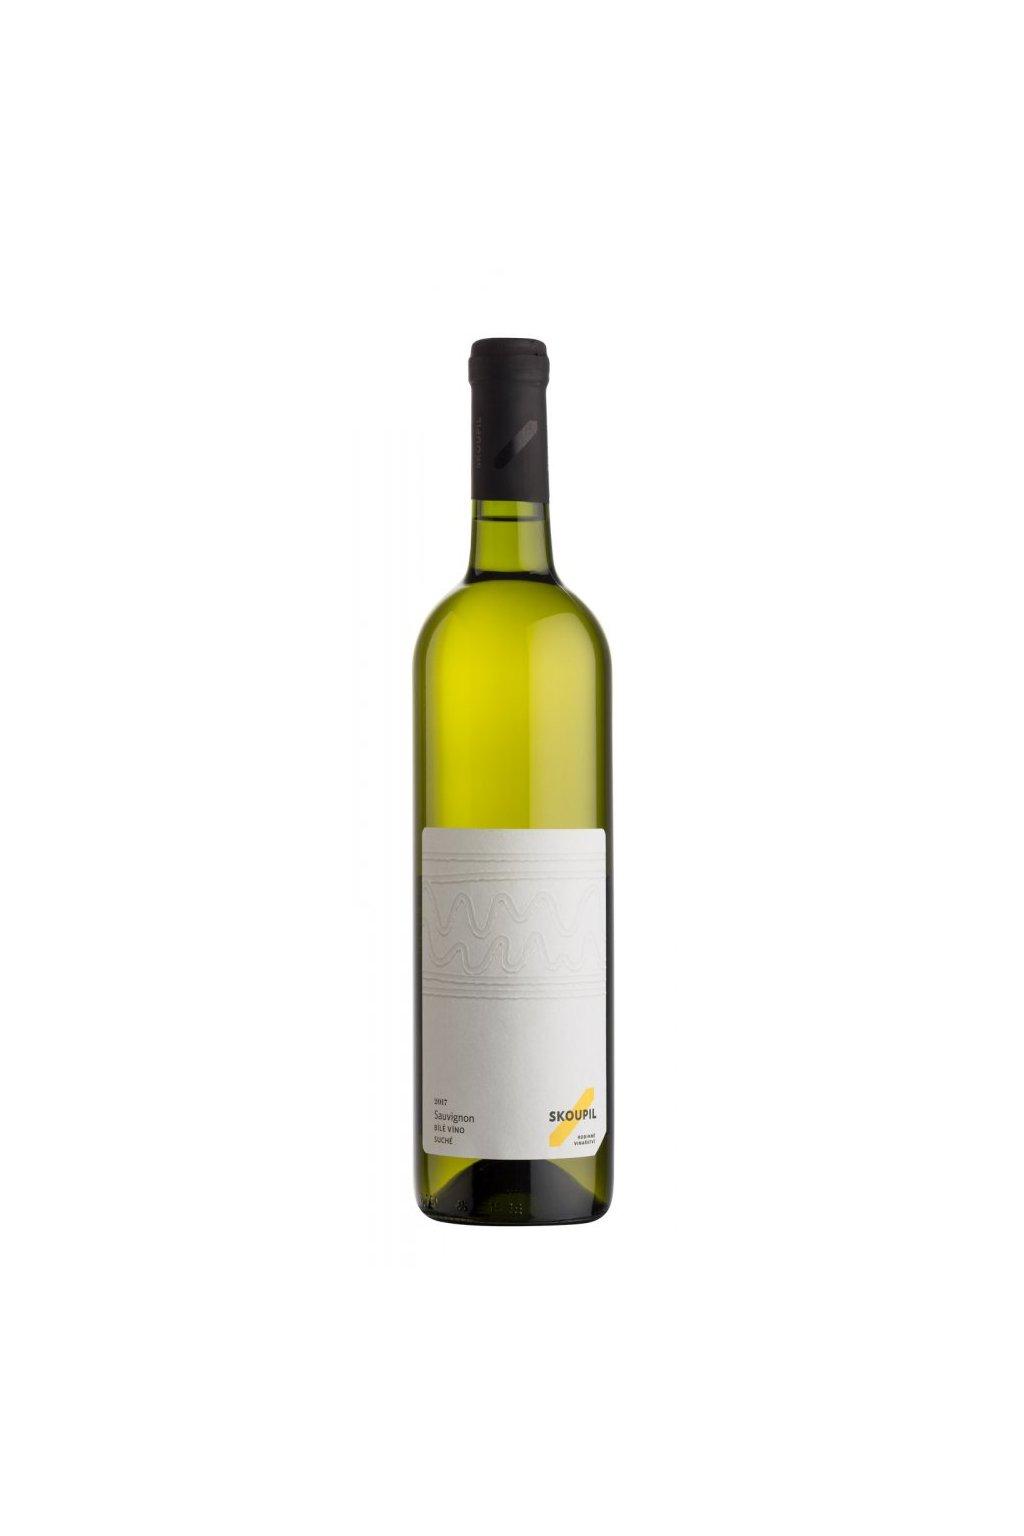 Sauvignon 2019, Moravské zemské víno